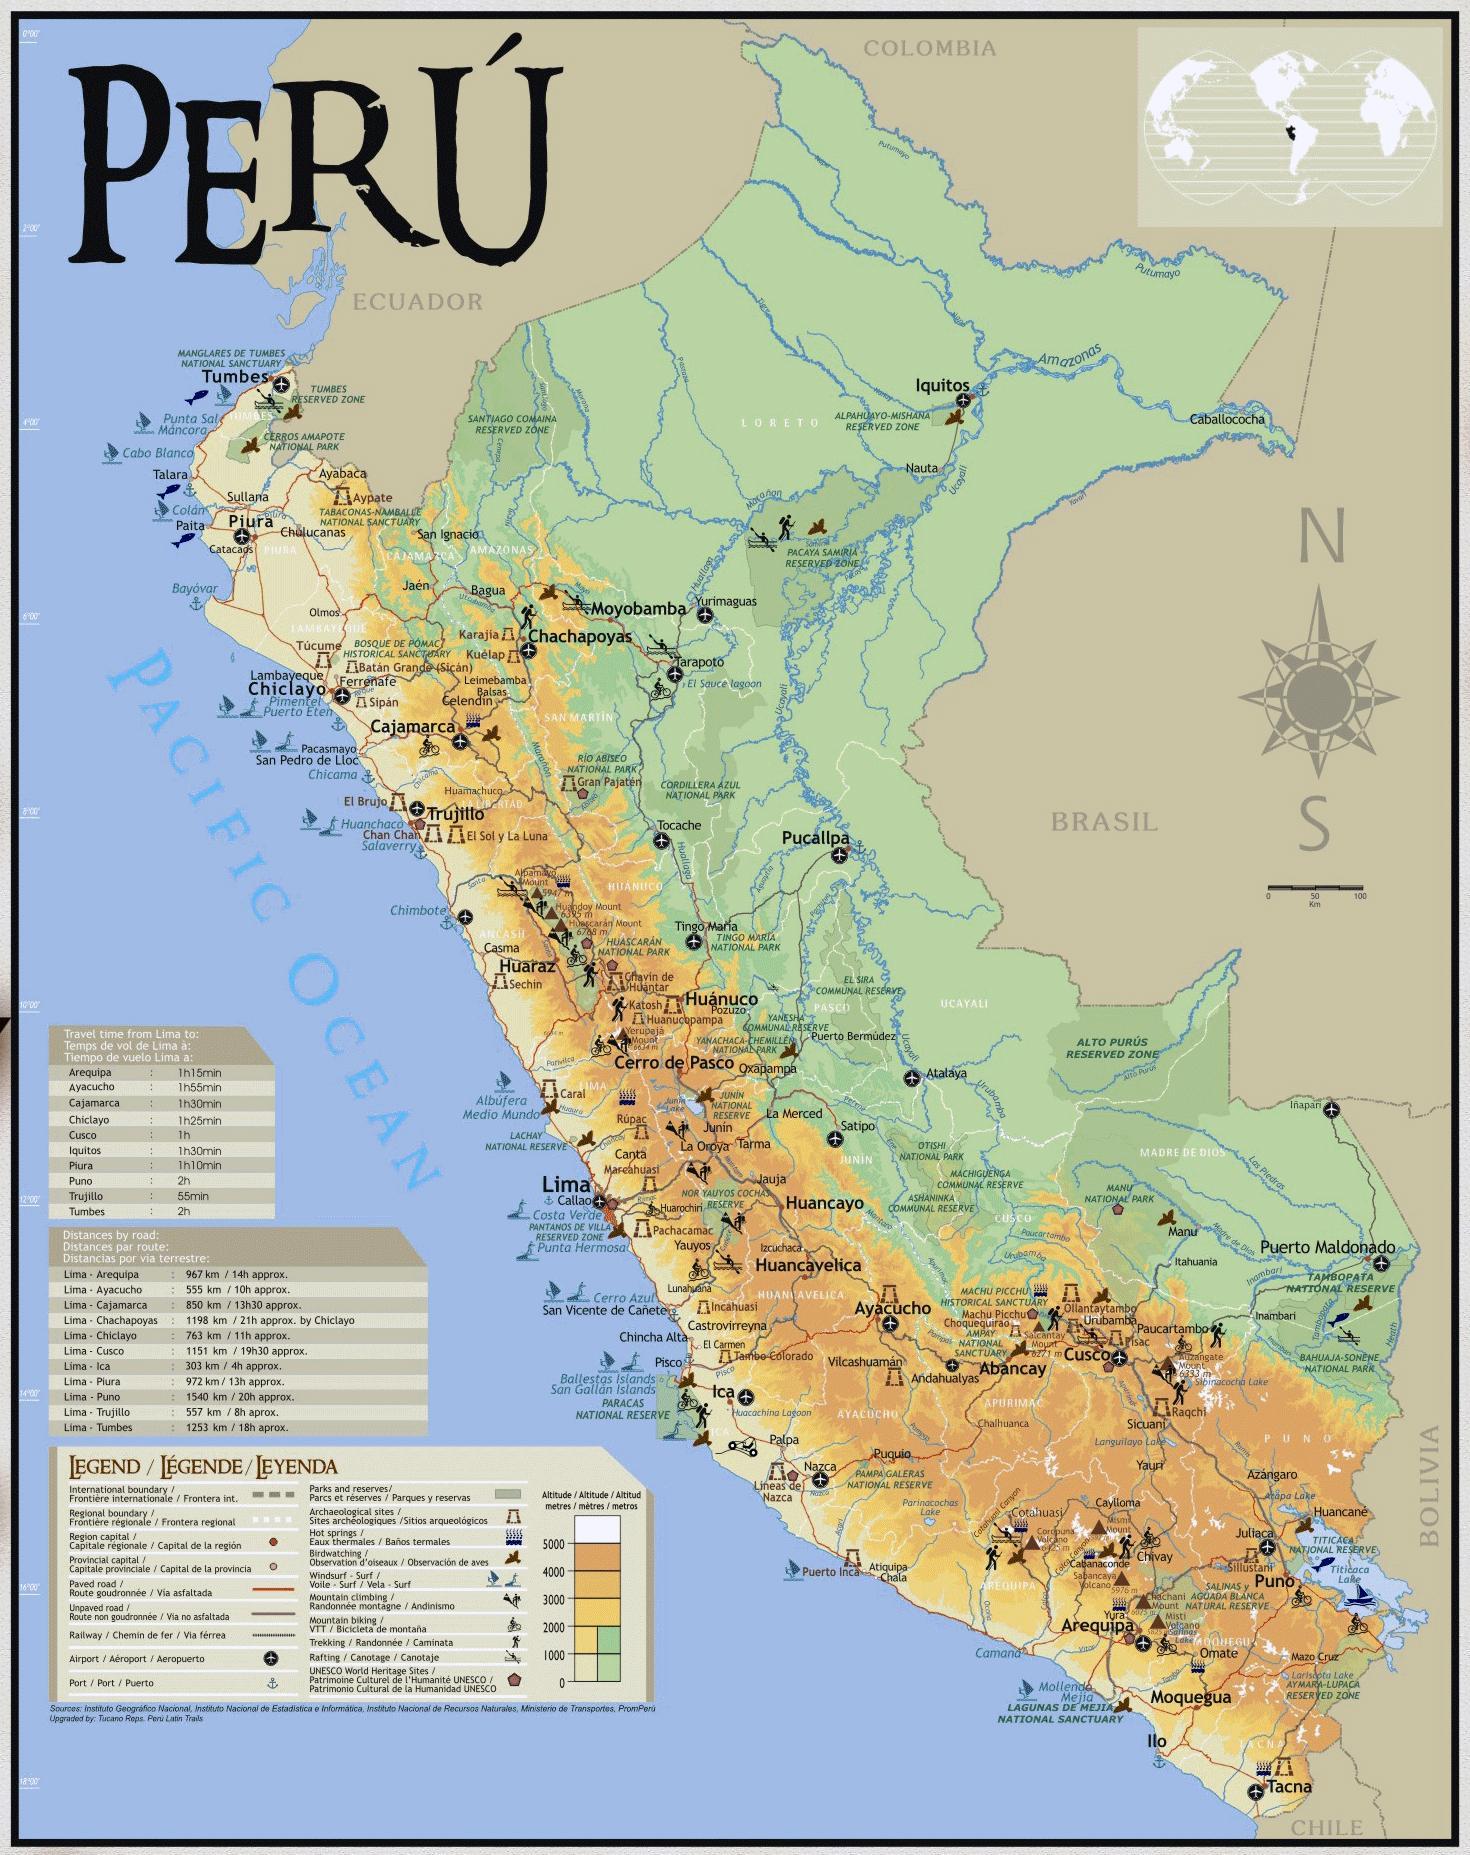 Peru Karte.Peru Reise Karte Karte Von Peru Reisen Südamerika Nord Und